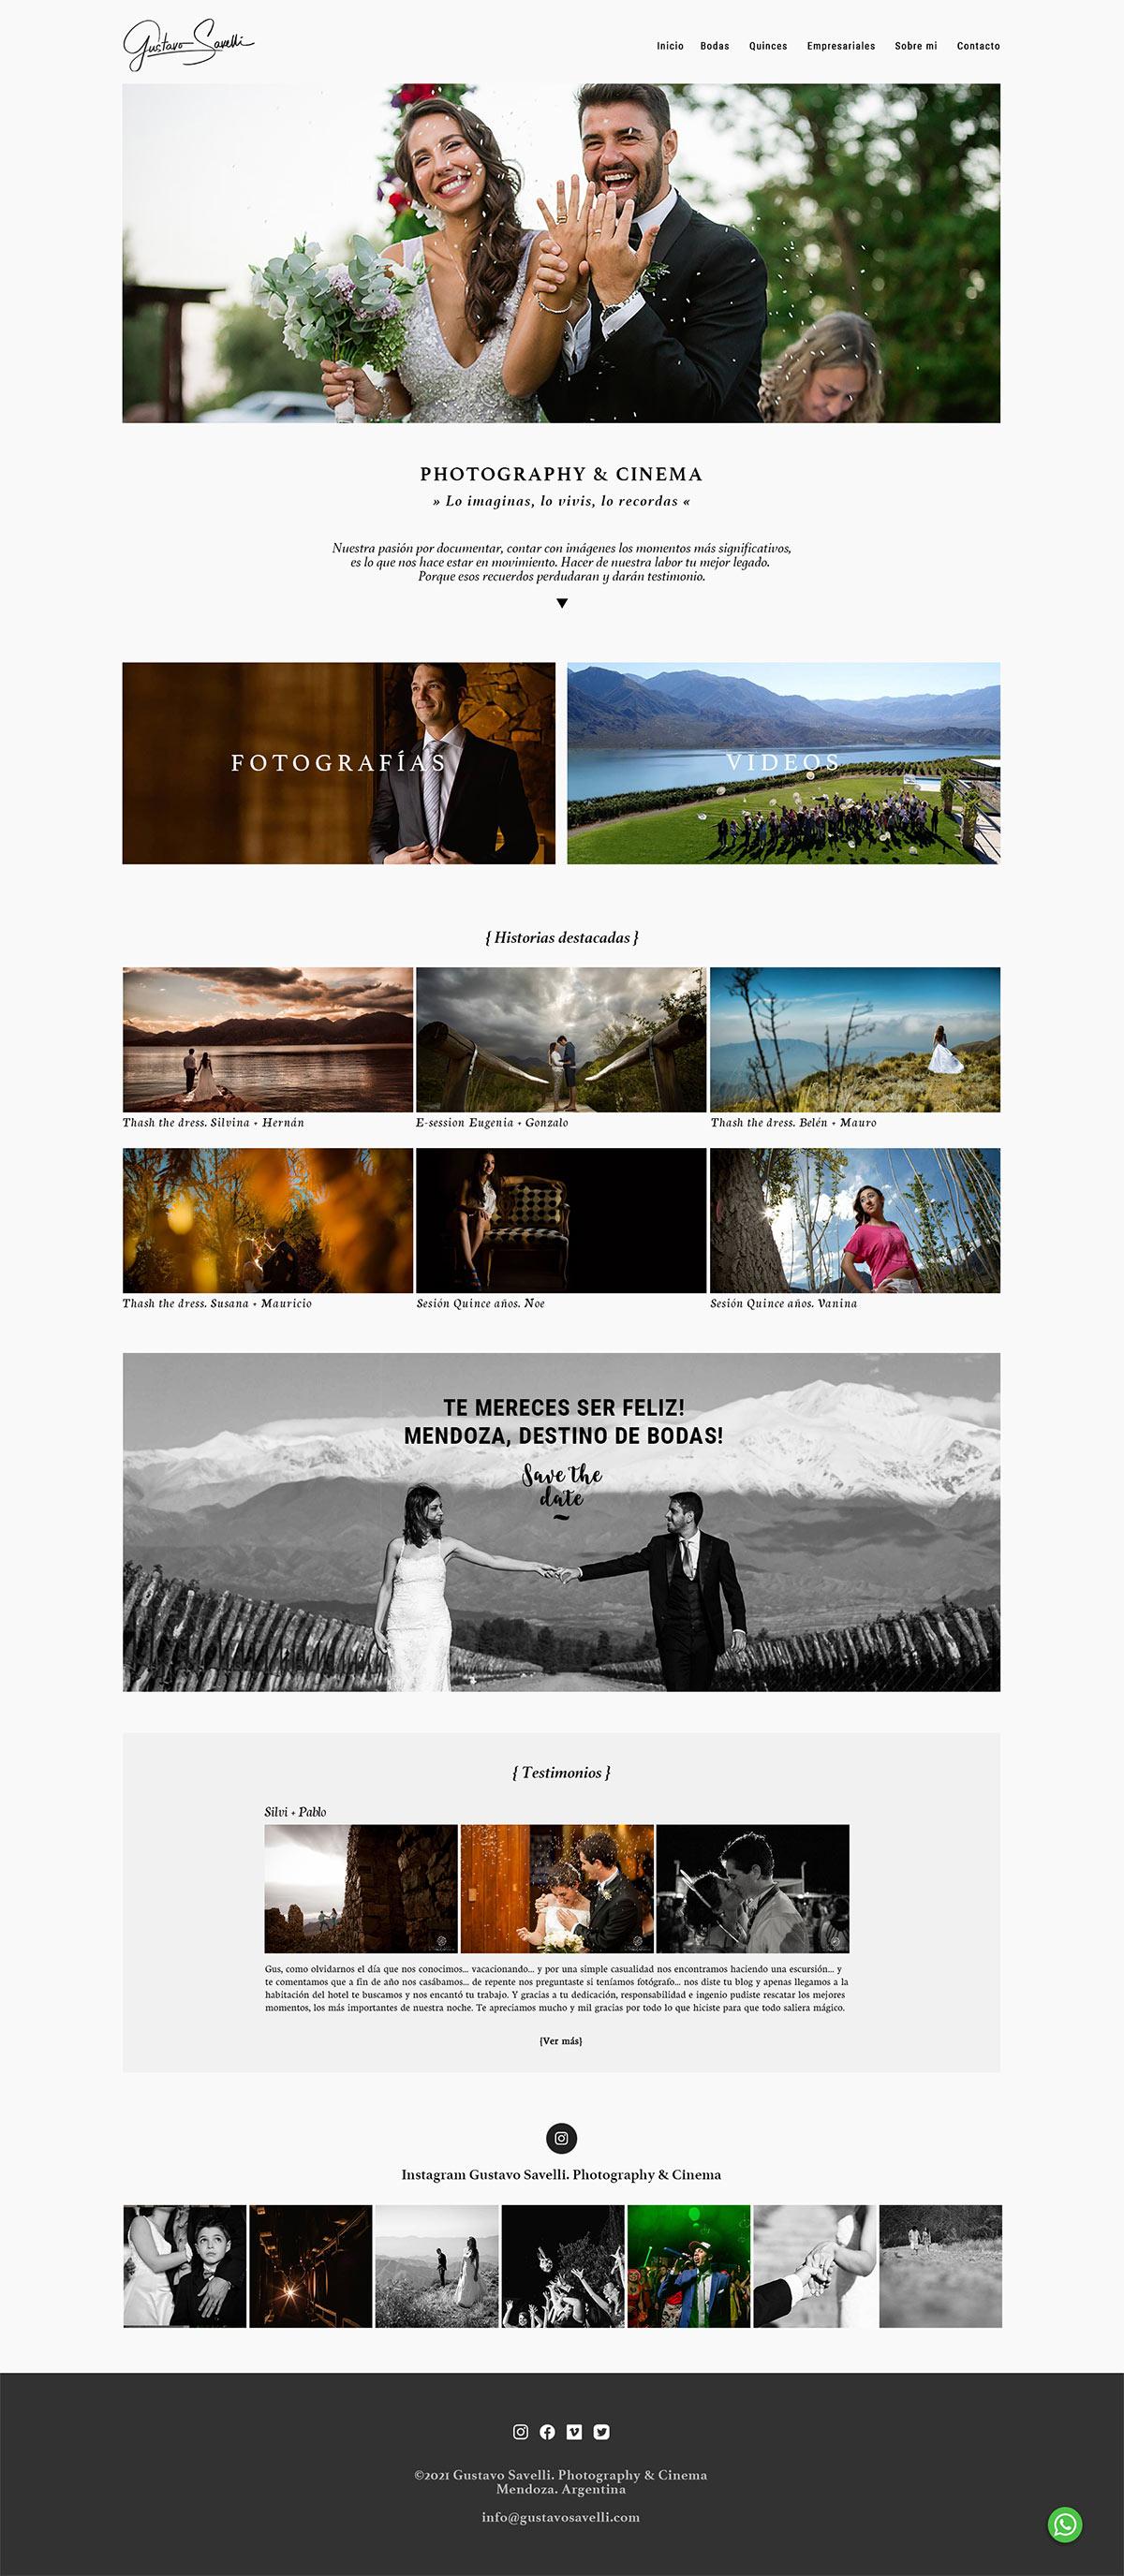 Sitio web del fotógrafo y cineasta Gustavo Savelli realizado por La Vuelta Web